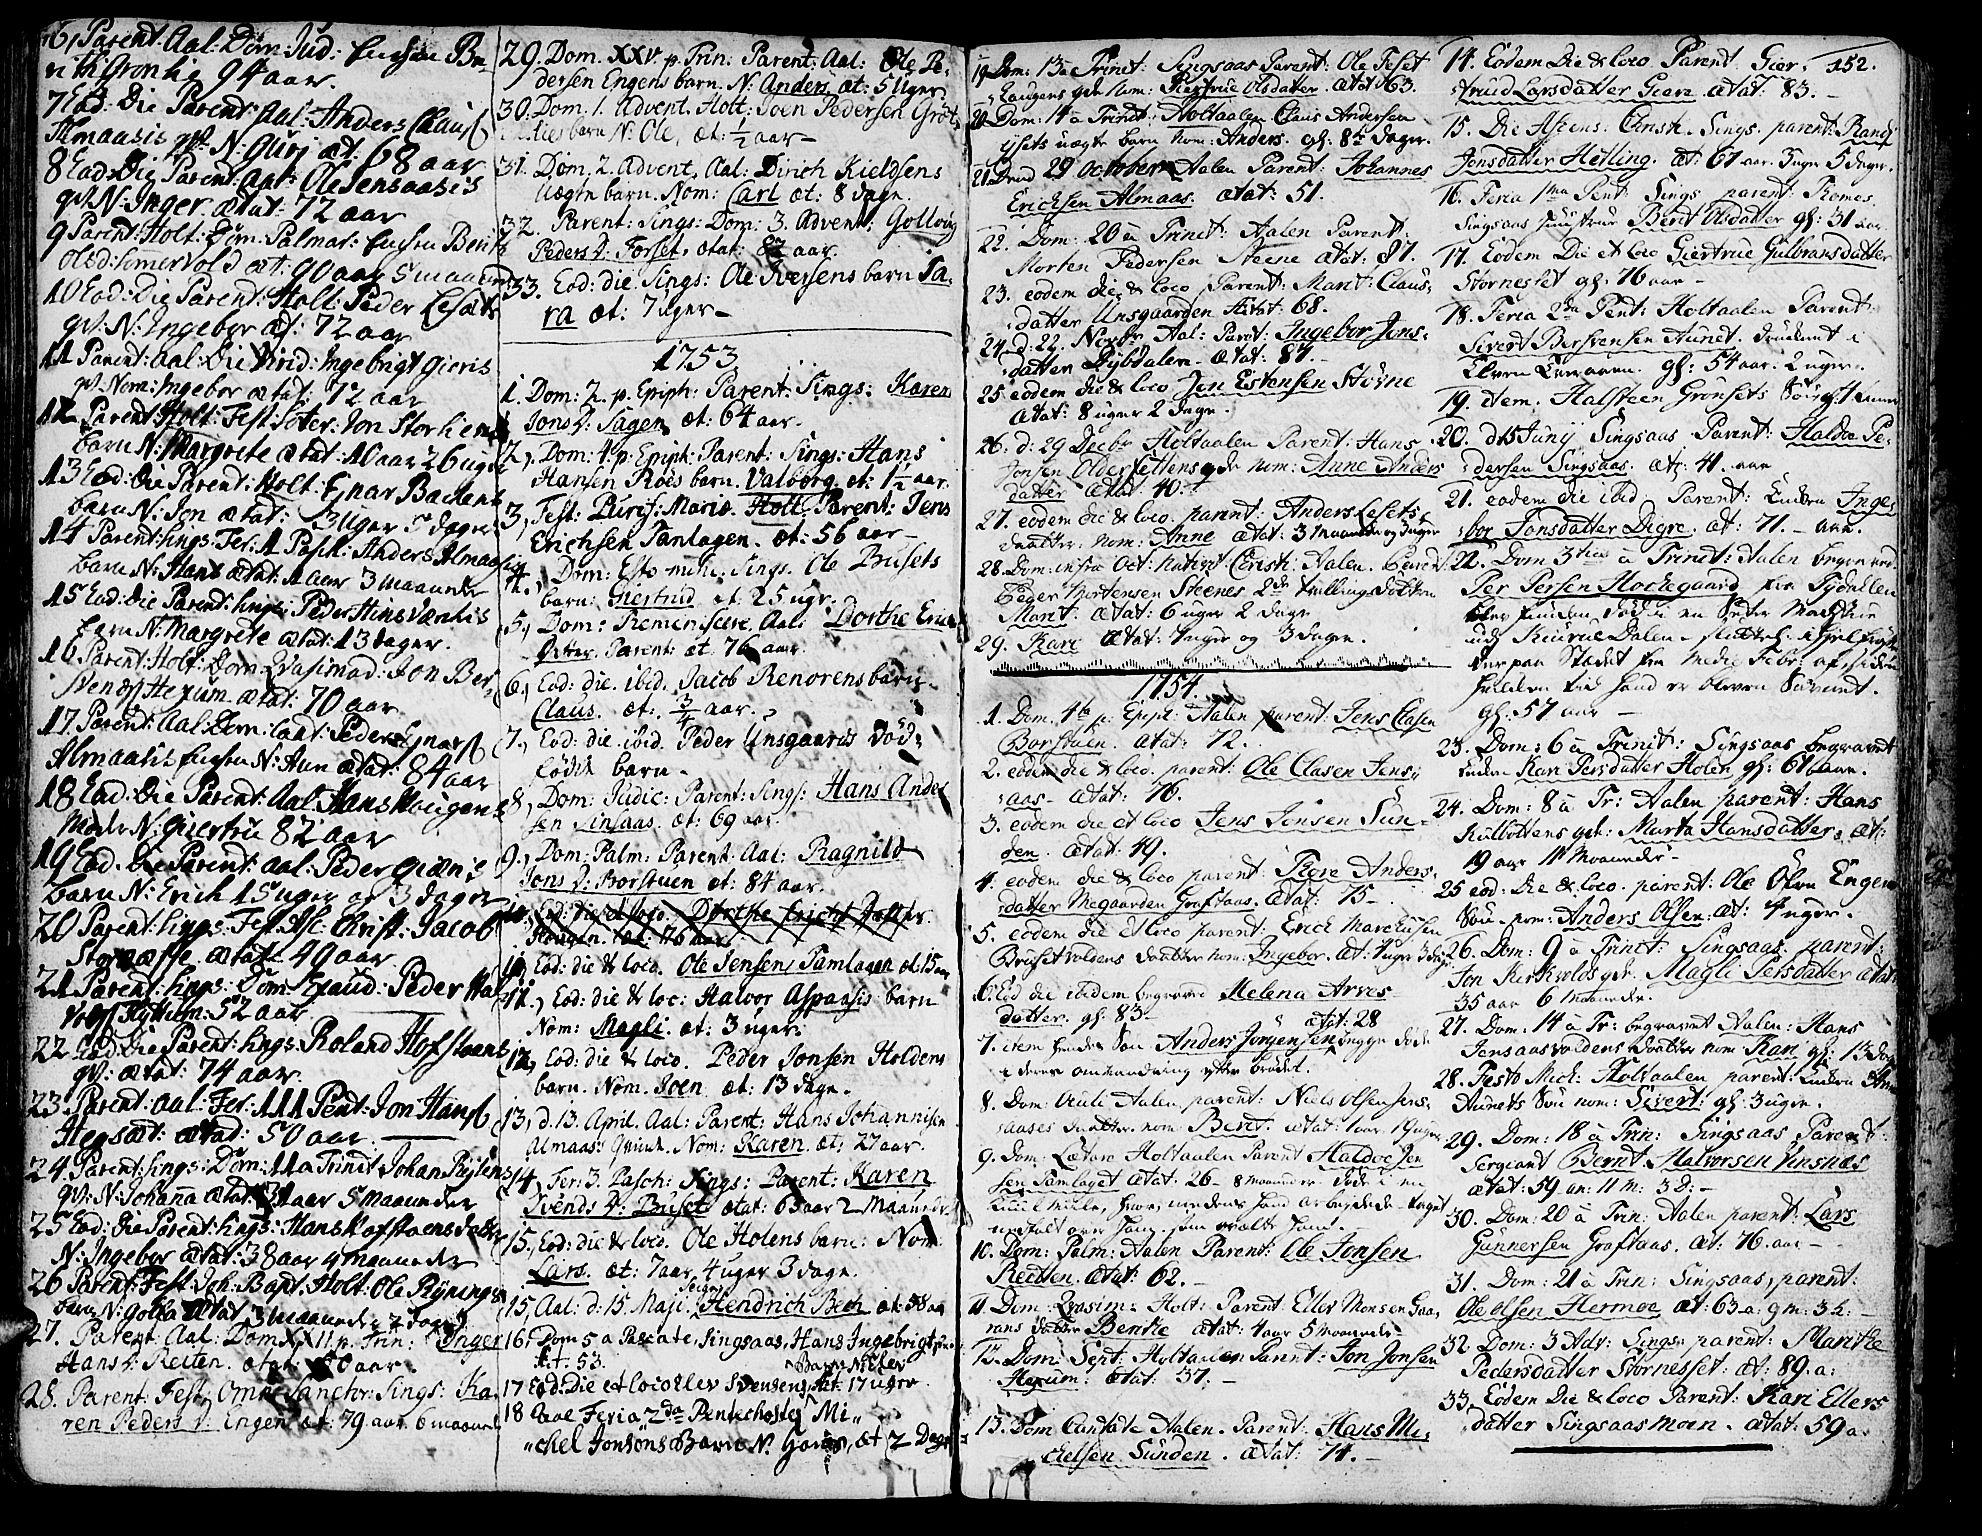 SAT, Ministerialprotokoller, klokkerbøker og fødselsregistre - Sør-Trøndelag, 685/L0952: Ministerialbok nr. 685A01, 1745-1804, s. 152